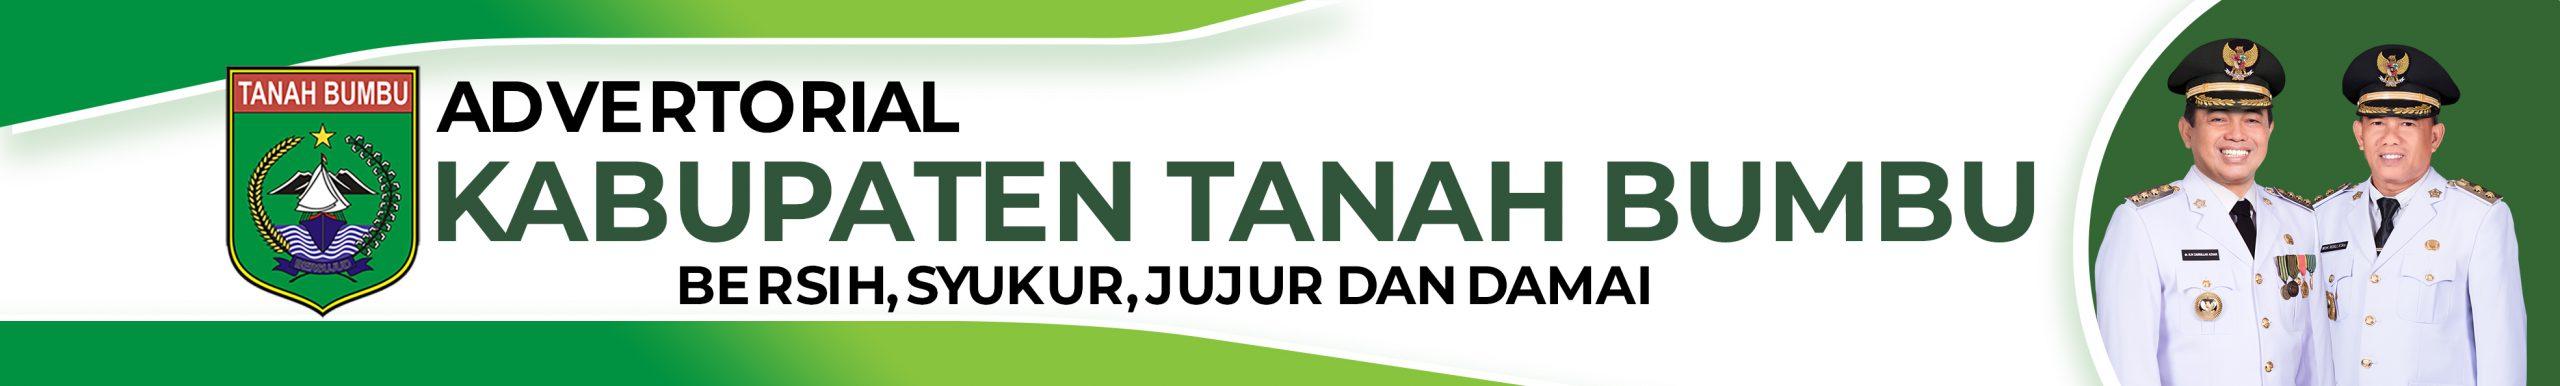 Pemerintah Kabupaten Tanah Bumb